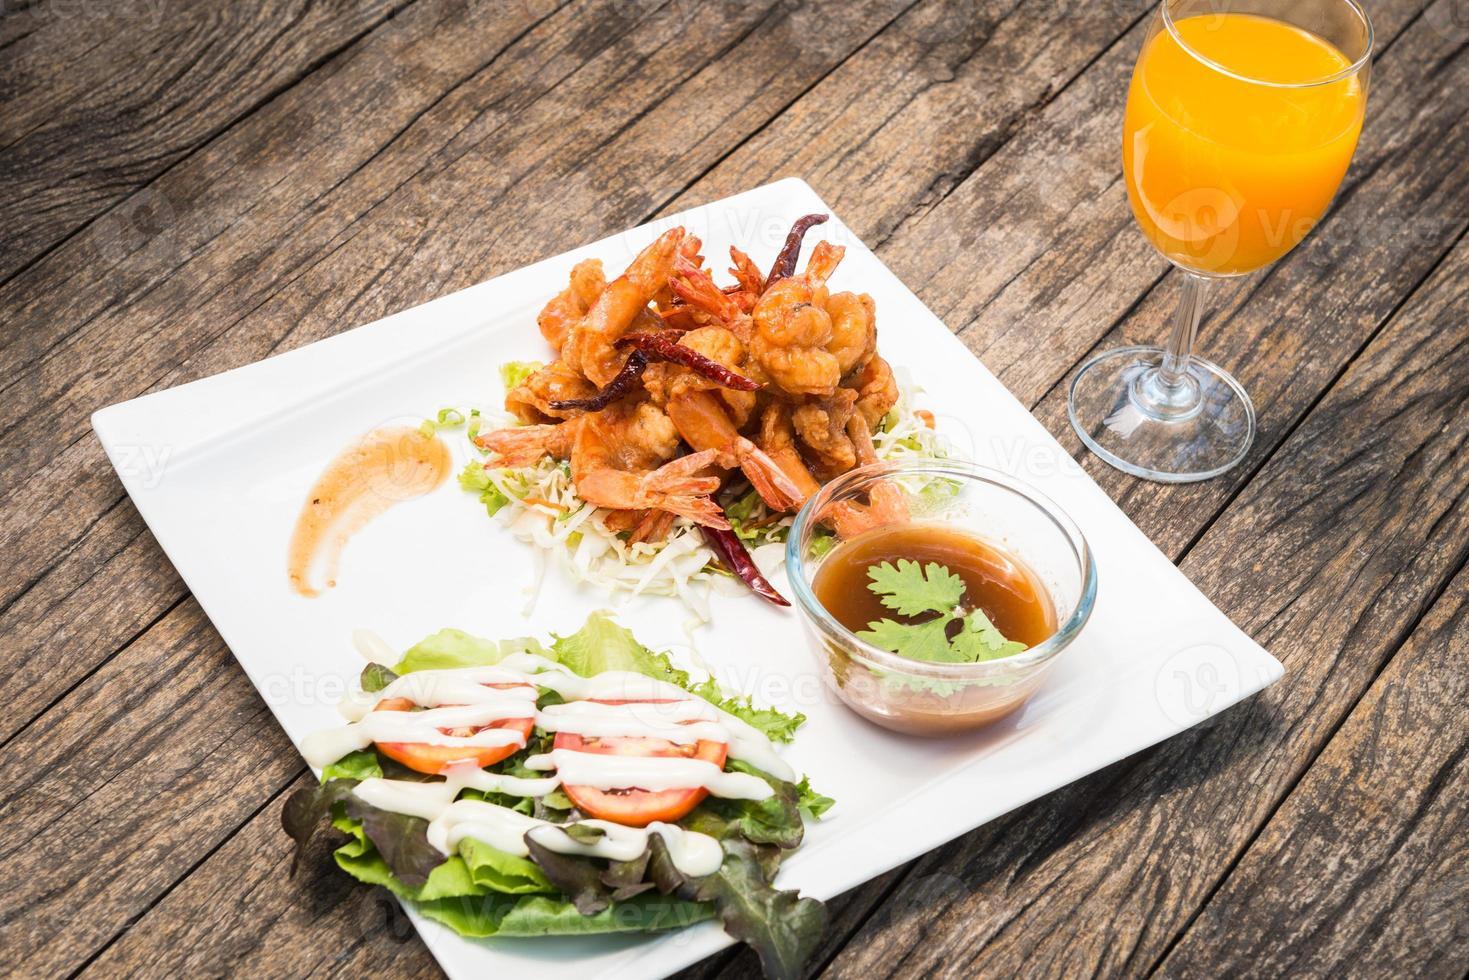 camarones fritos con salsa de tamarindo foto